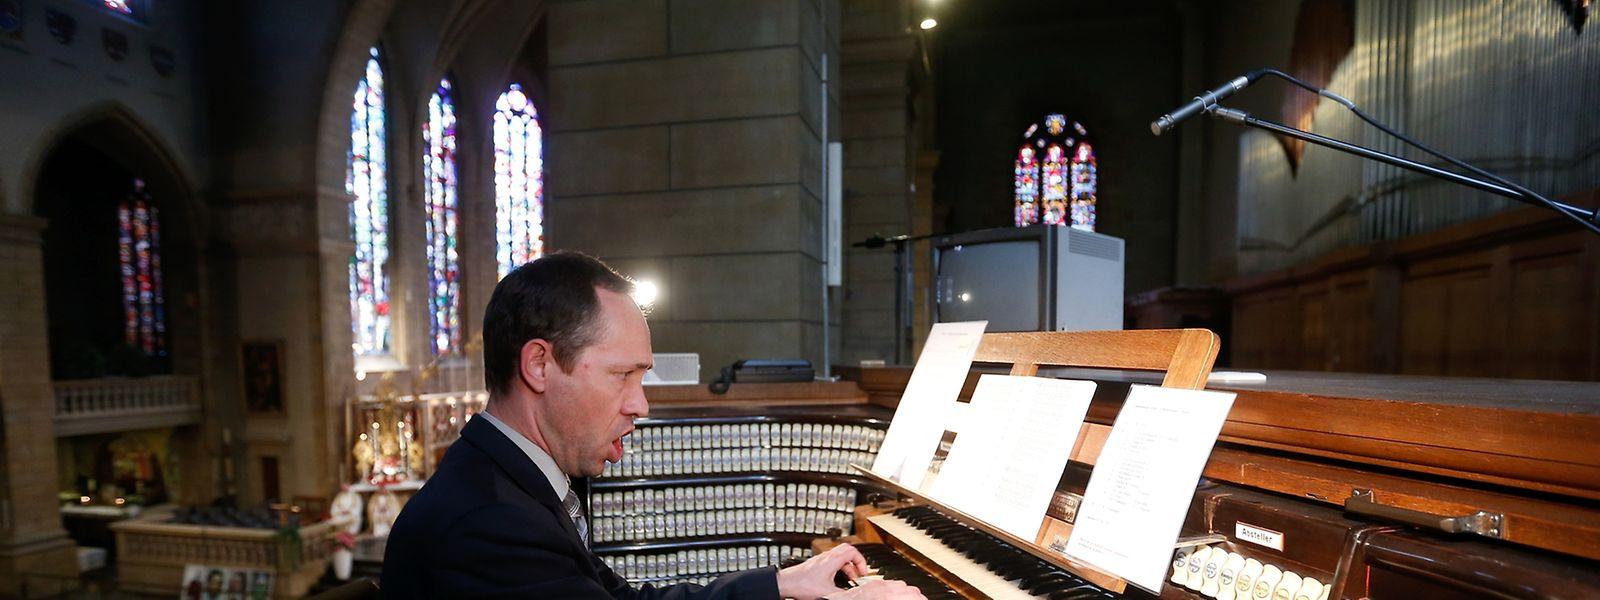 Seit 10 Jahren ist Paul Breisch Domorganist.